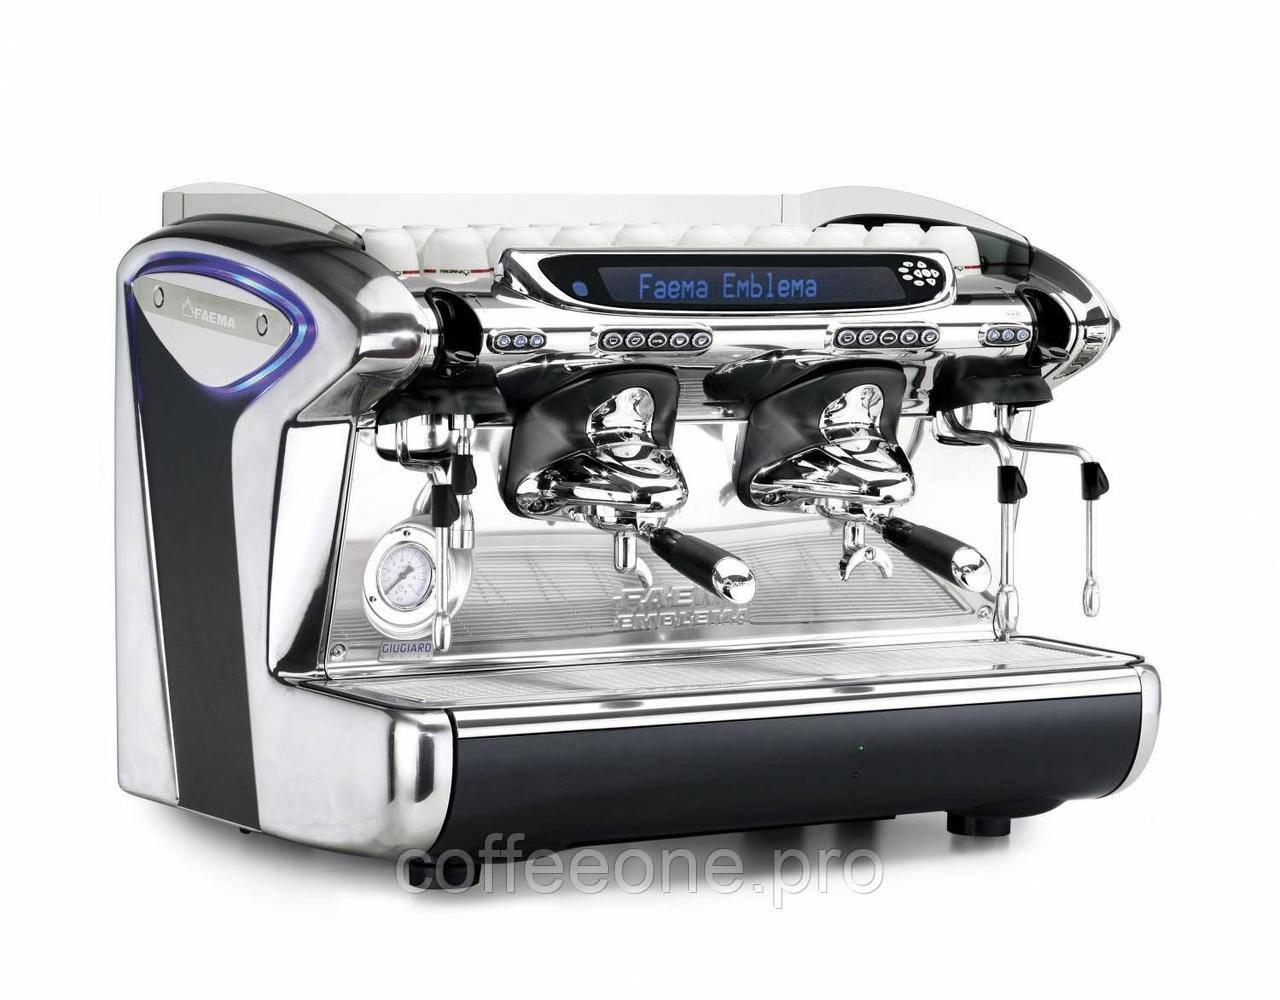 Кофемашина профессиональная Faema Emblema Auto Steam A/2